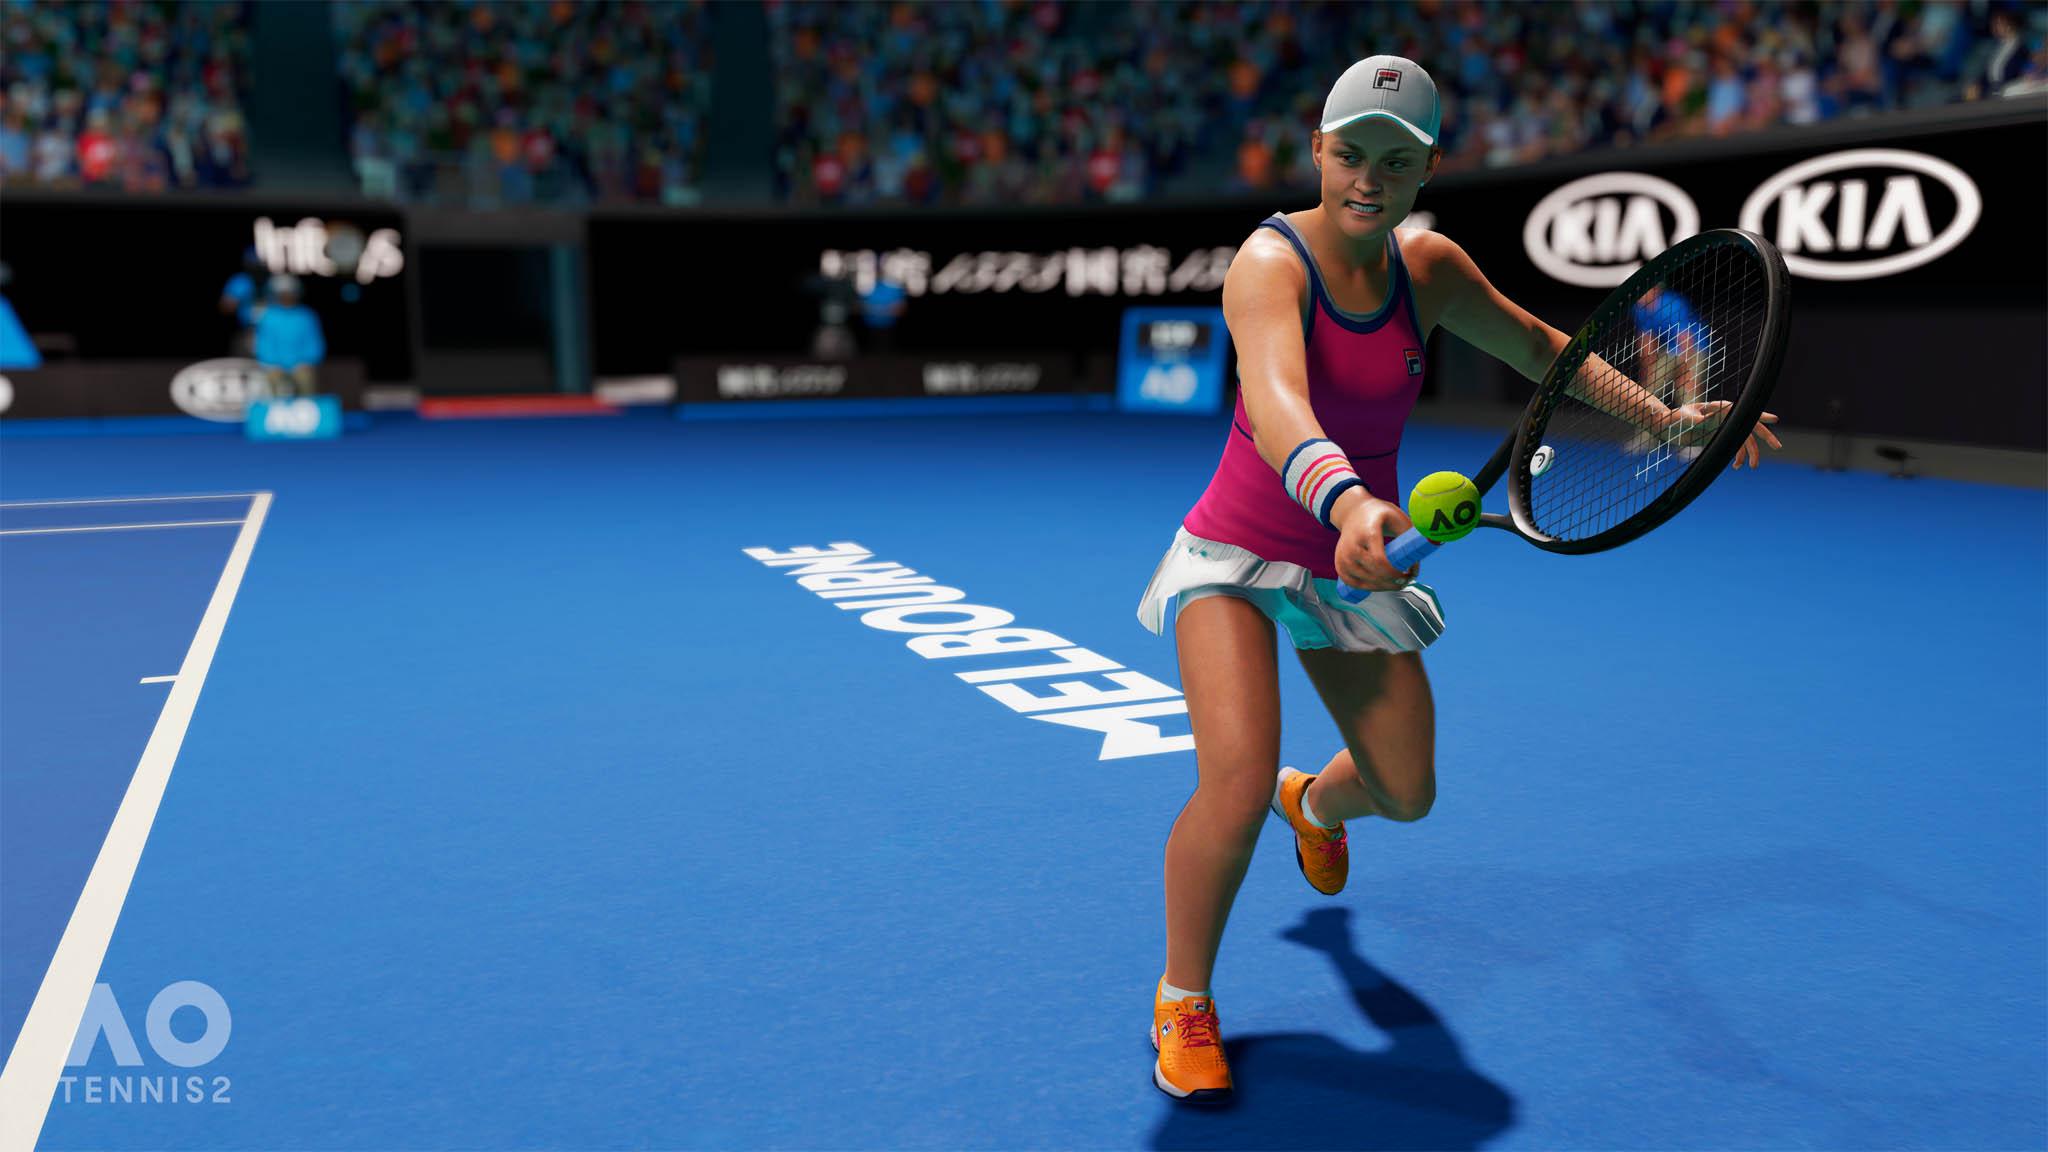 AO Tennis 2 přináší plnou licenci Australian Open a více než dvacet reálných hráček ahráčů včetně Karolíny Plíškové aMarkéty Vondroušové.